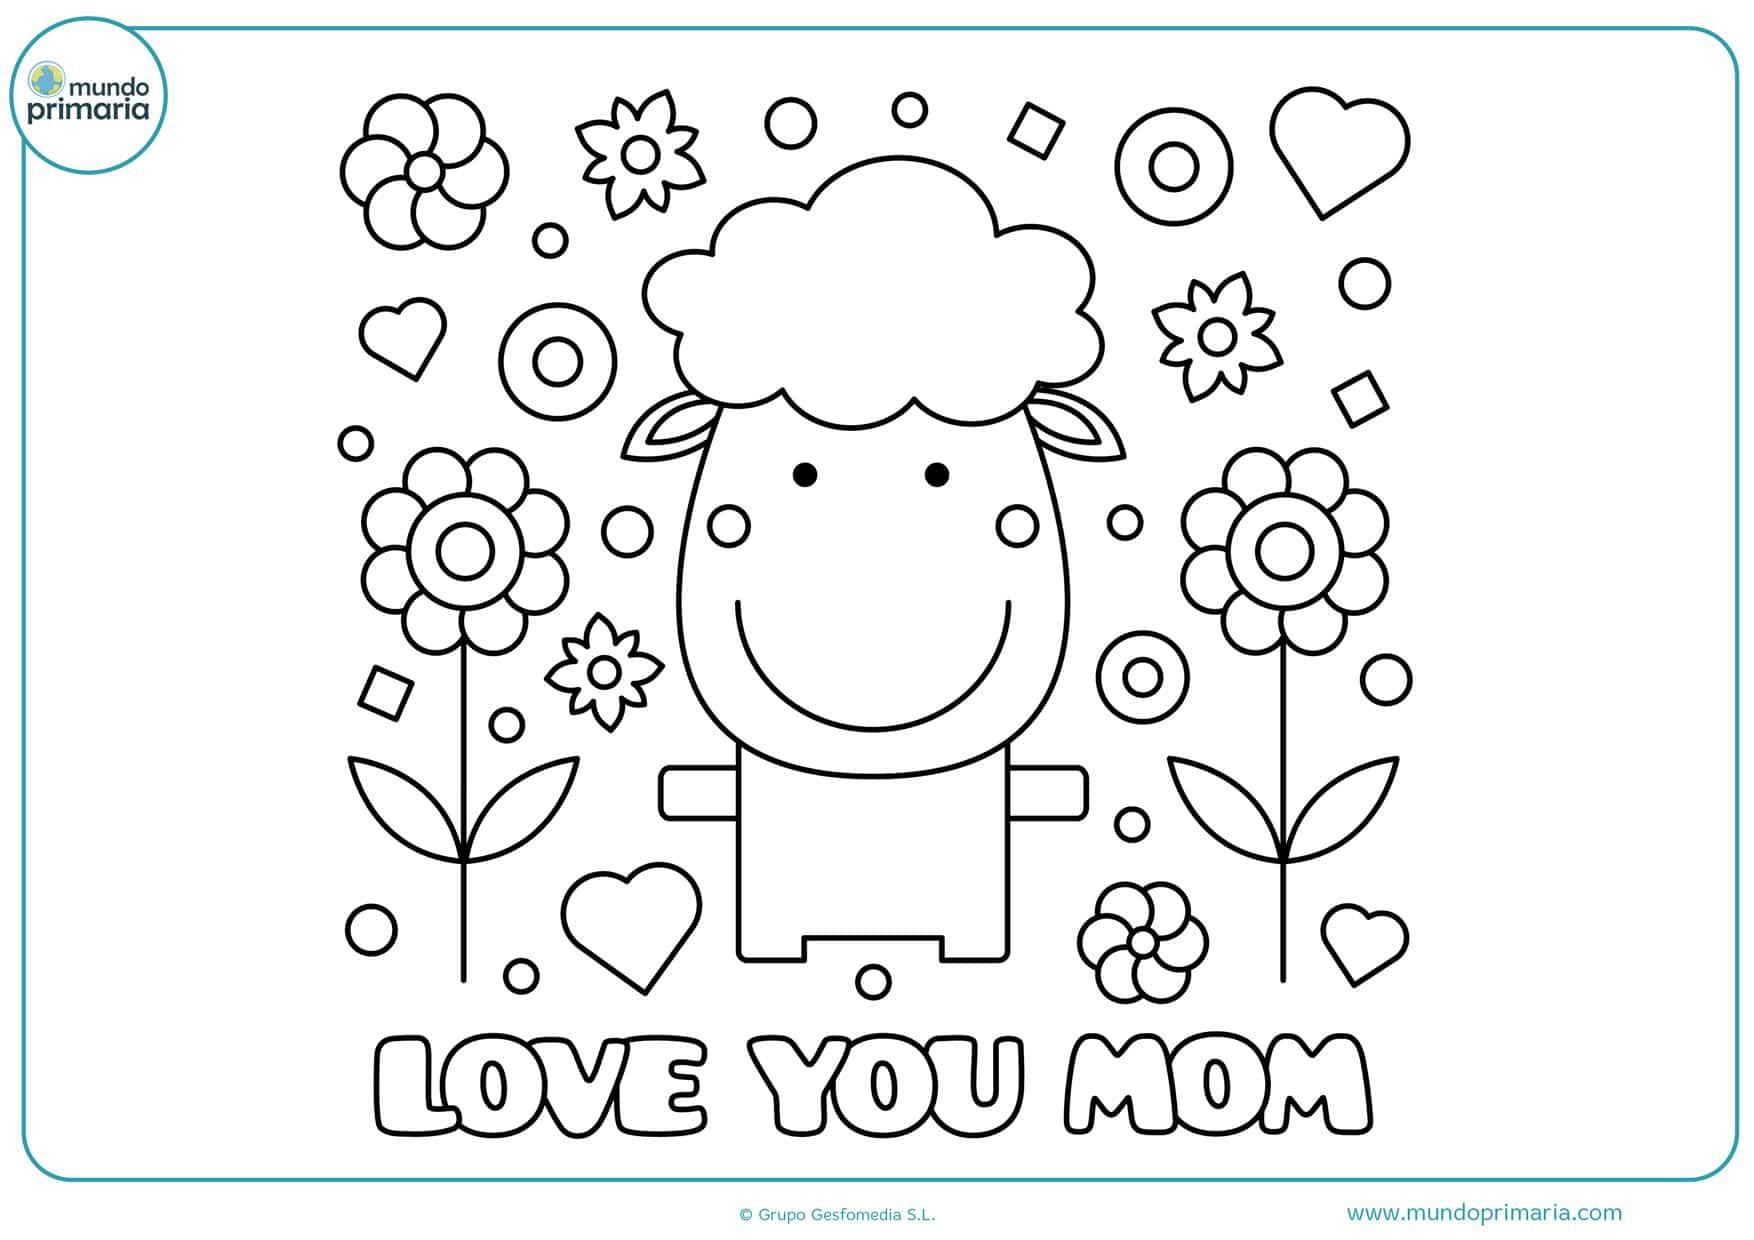 imágenes del día de la madre para imprimir y colorear